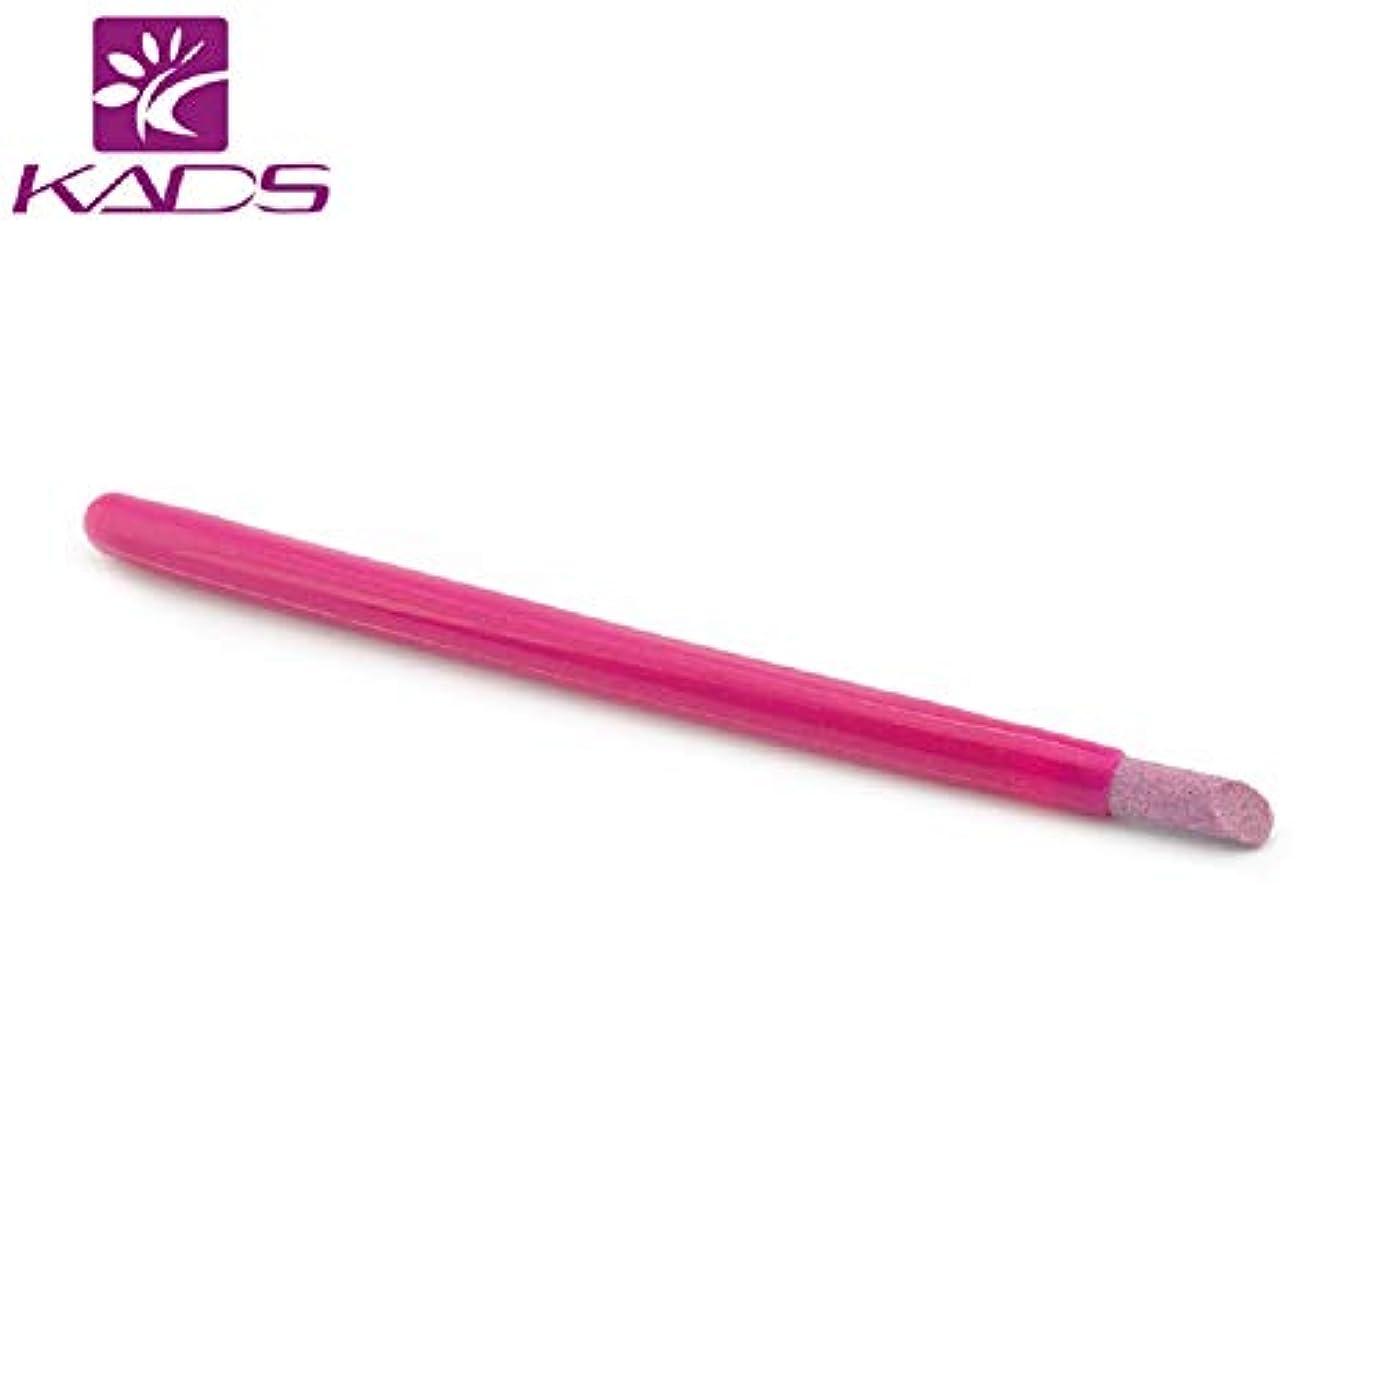 見かけ上書き出す怠なKADS セラミックプッシャー ストーンプッシャー 甘皮角質プッシャー ネイルケアツール(ピンク)